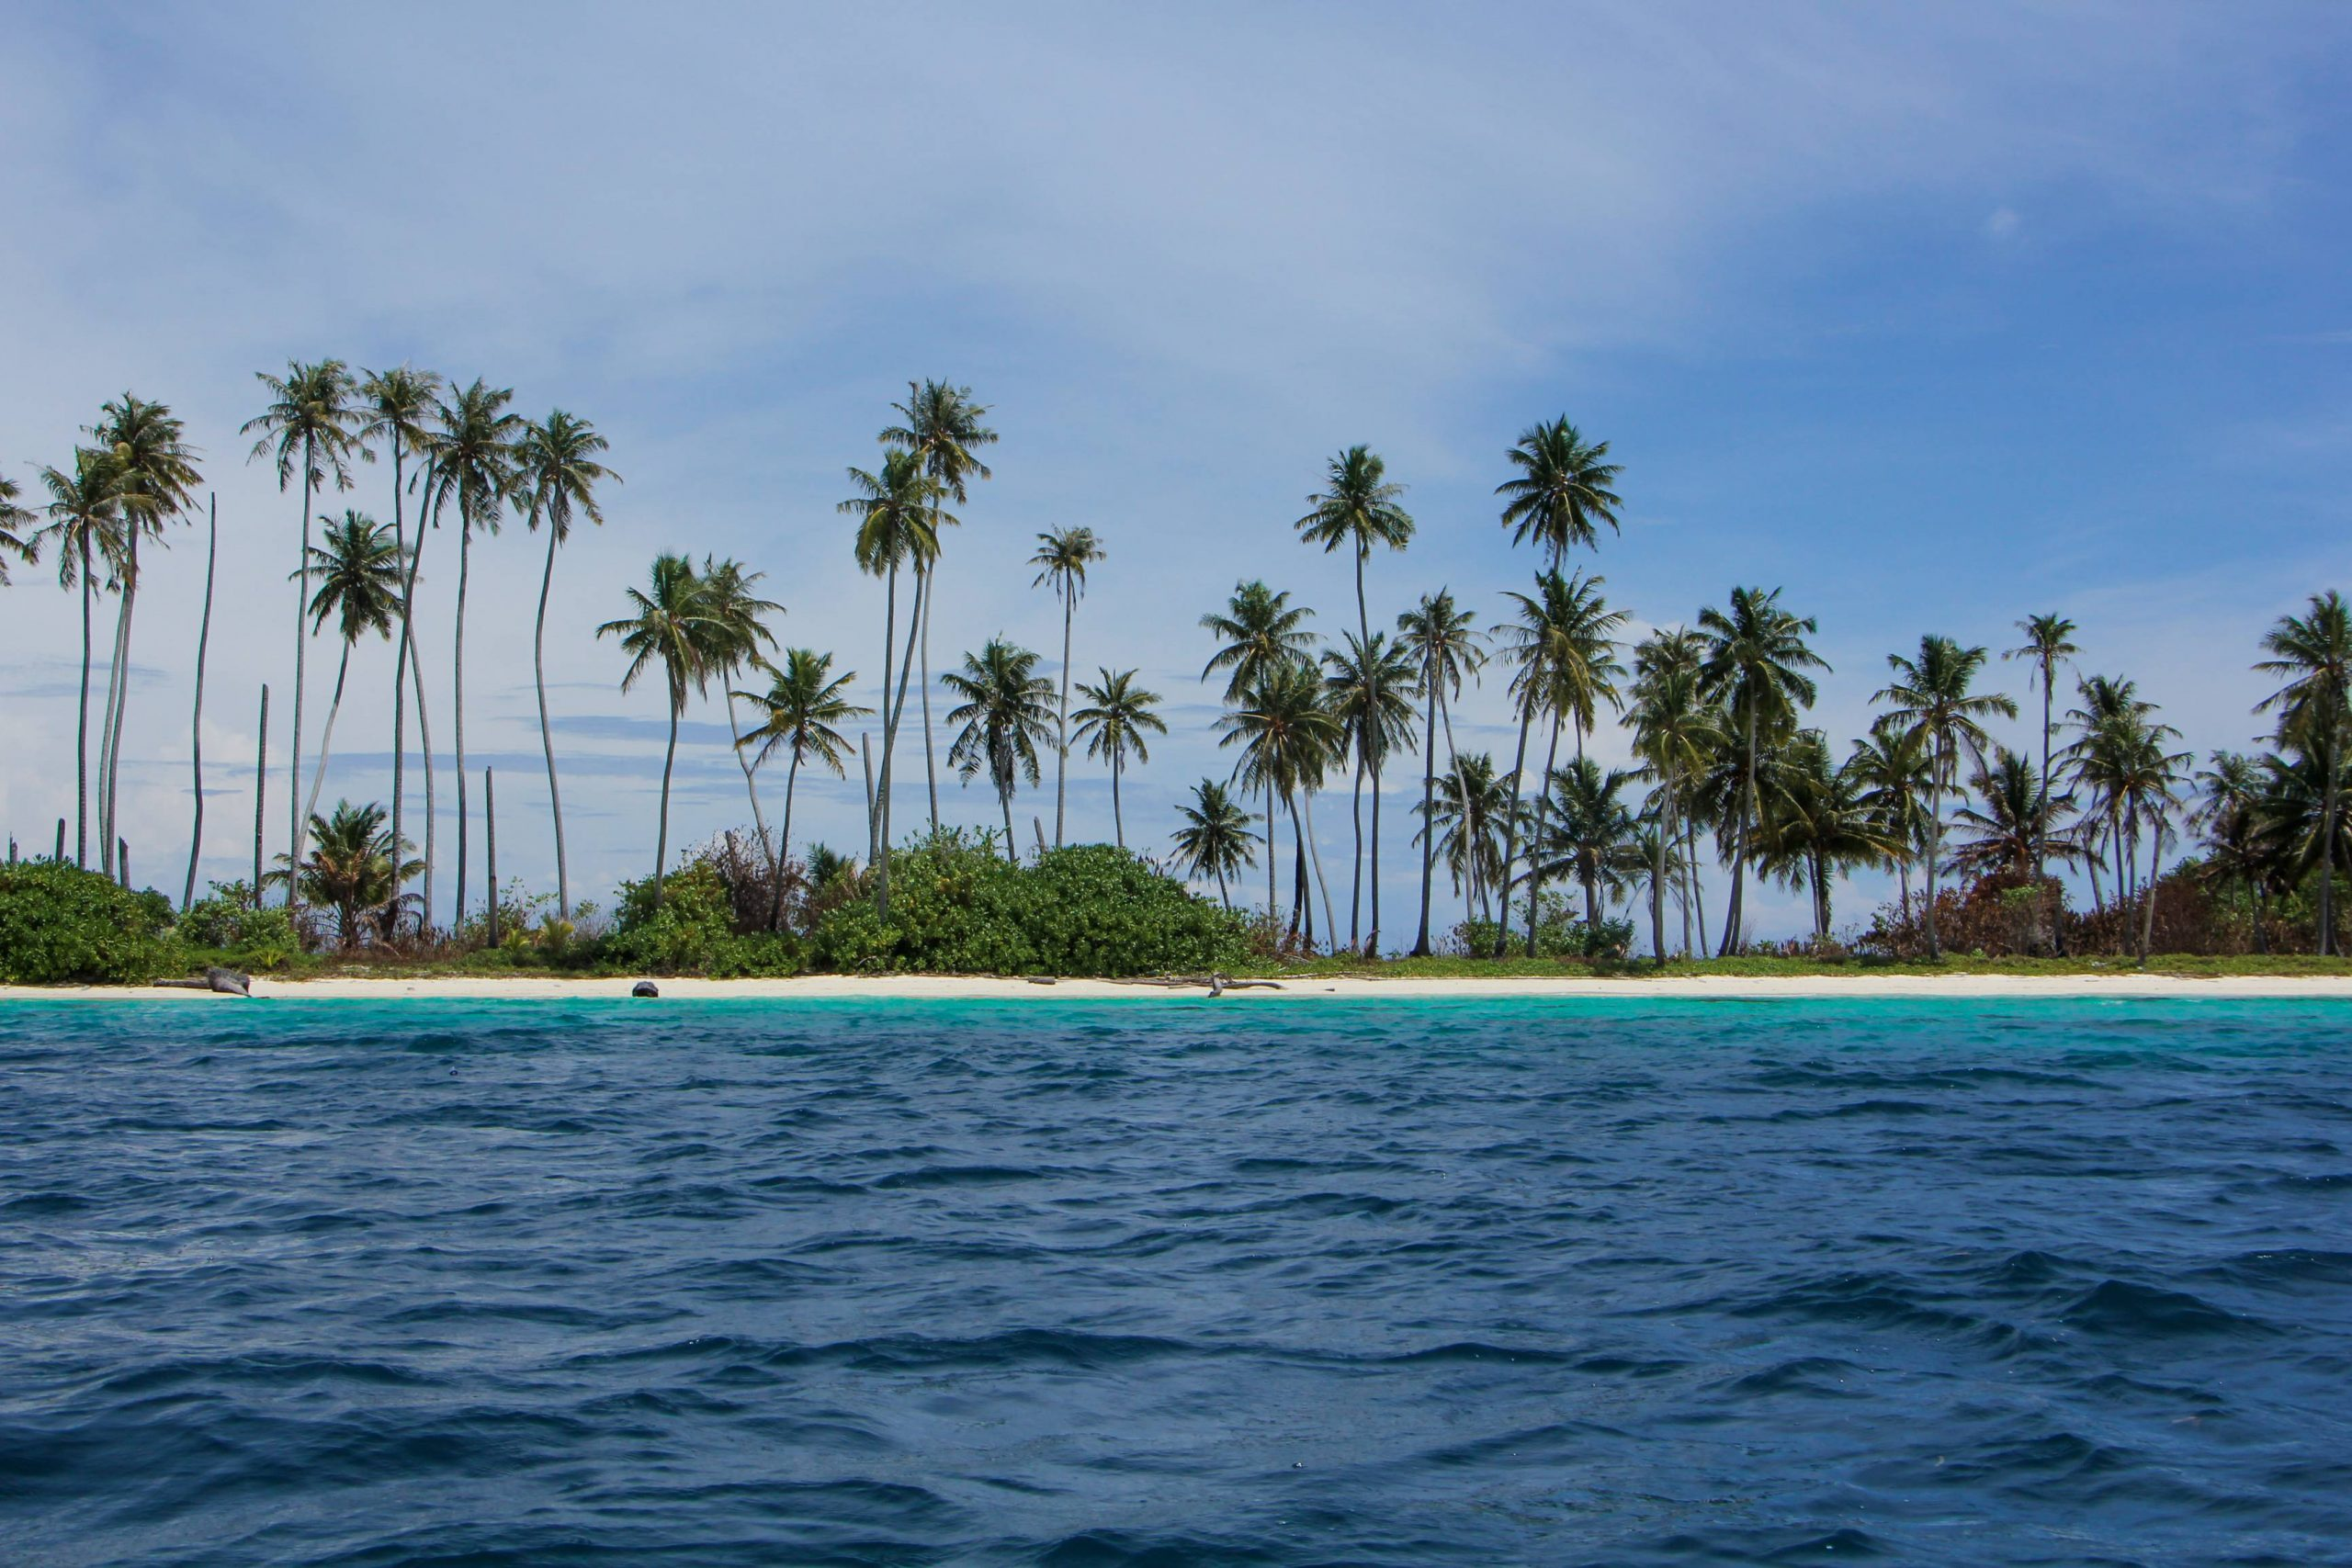 Pulau_Asok_wanda_haris5_compressed